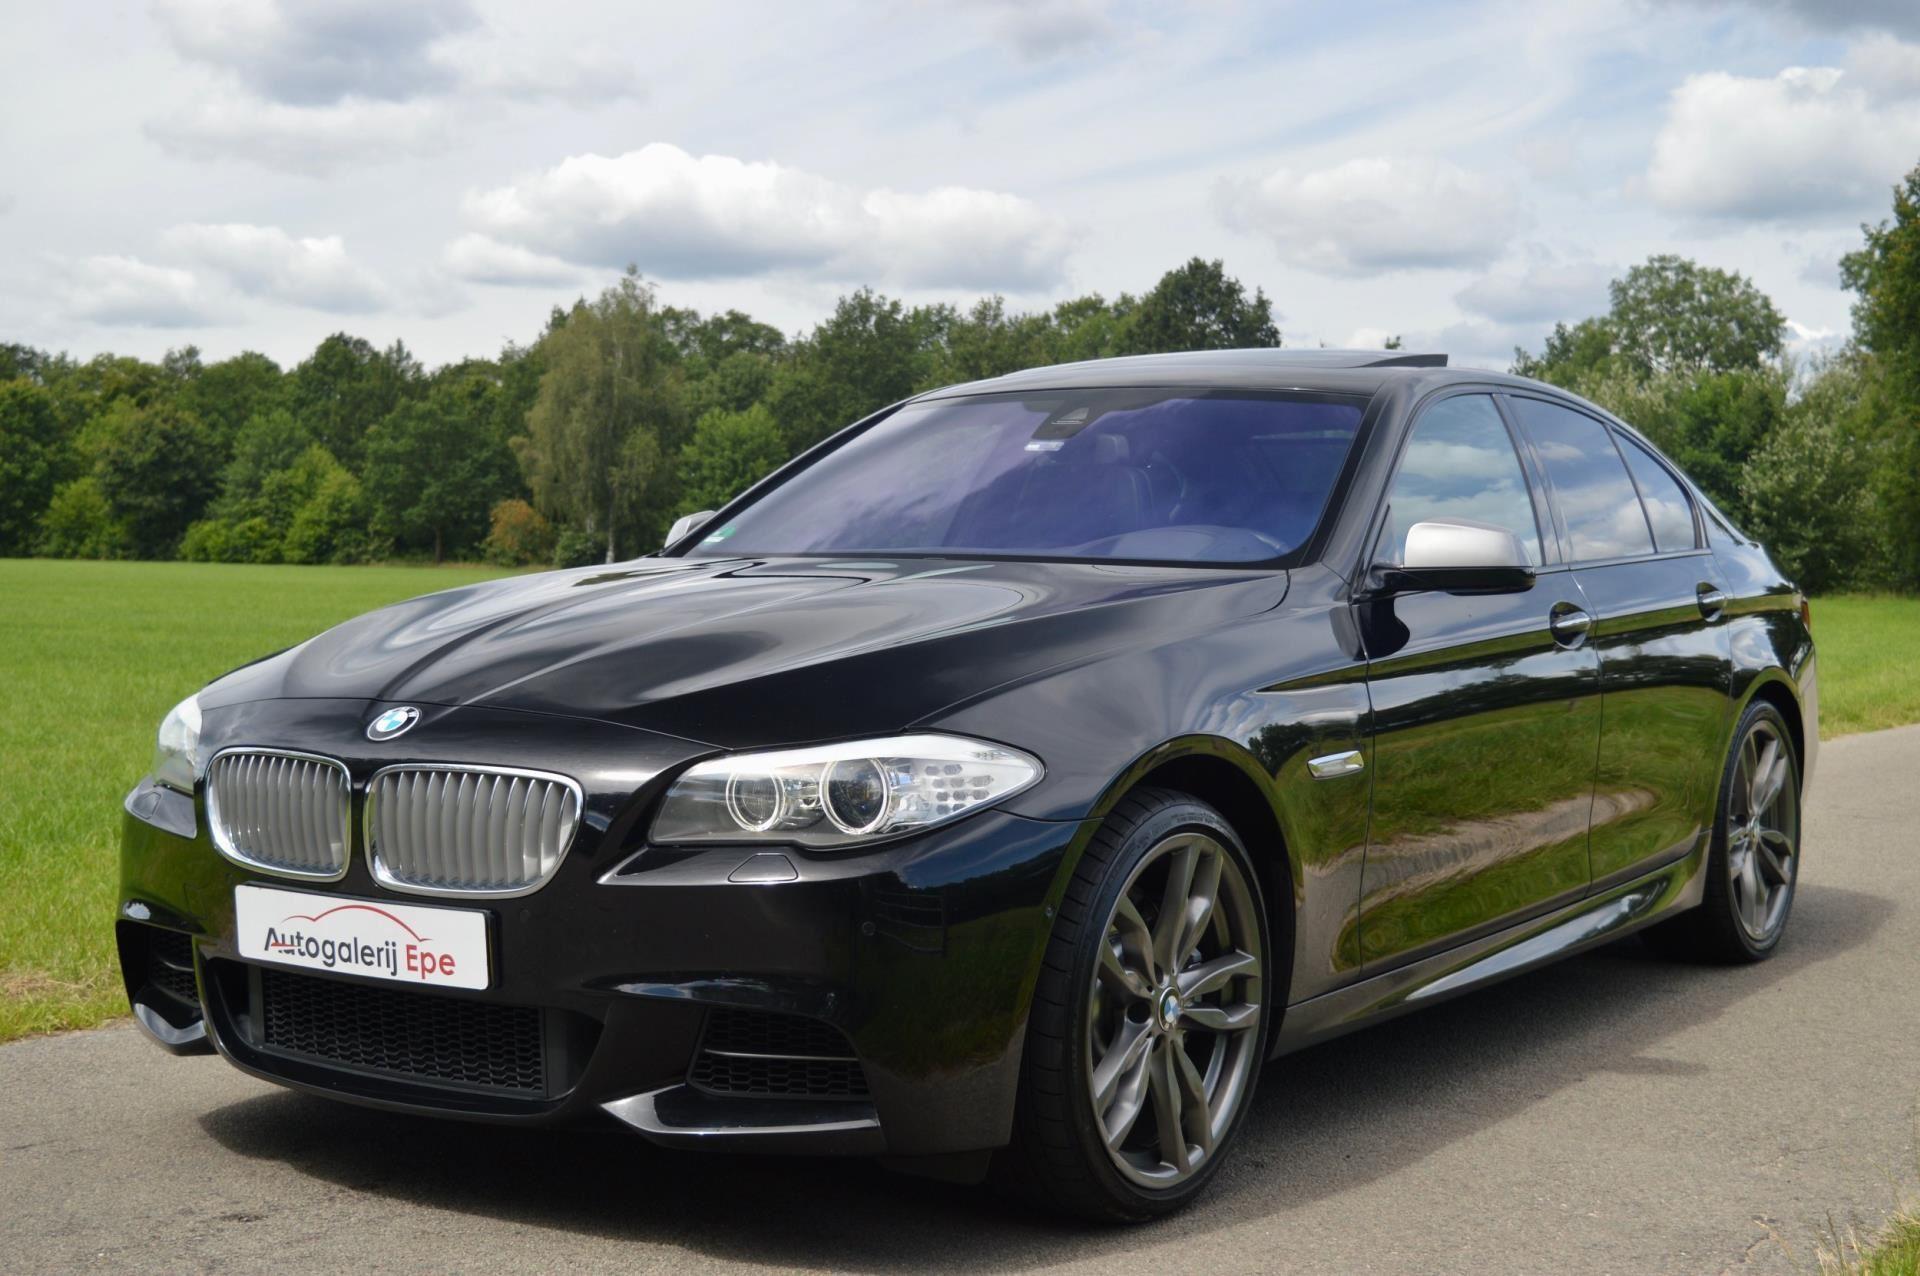 BMW 5-serie occasion - Autogalerij Epe